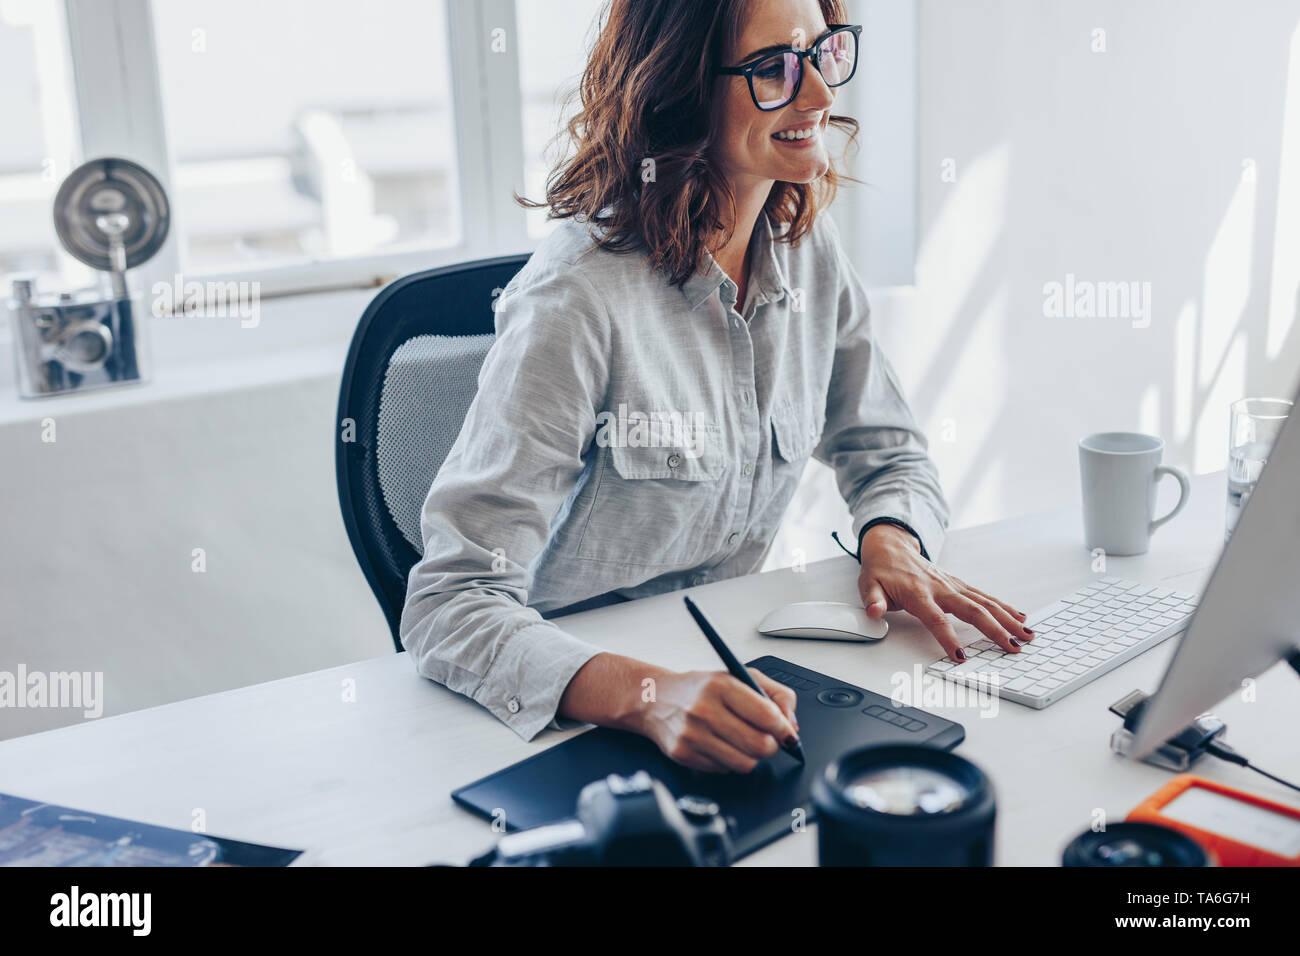 Femmina giovane fotografo lavorando sul computer utilizzando il tampone di disegno a scrivania in ufficio. Giovane donna caucasica tramite digital tavoletta grafica e disegno a penna Foto Stock